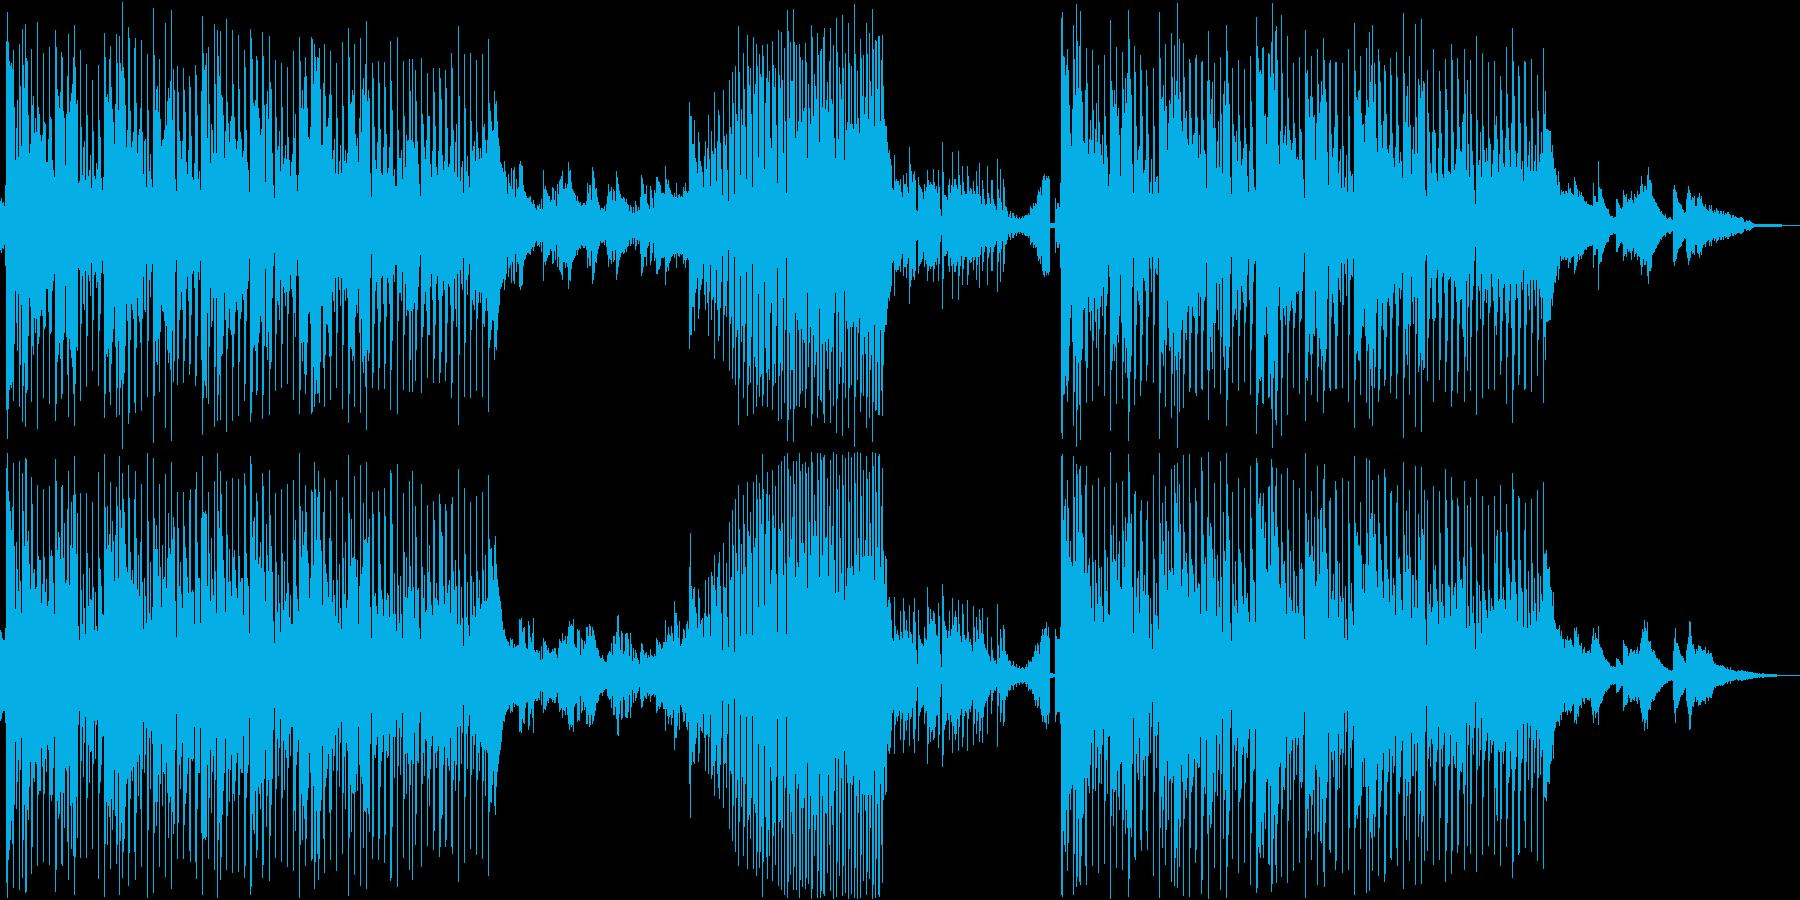 切なさ感じるピアノ主体のハウスBGMの再生済みの波形